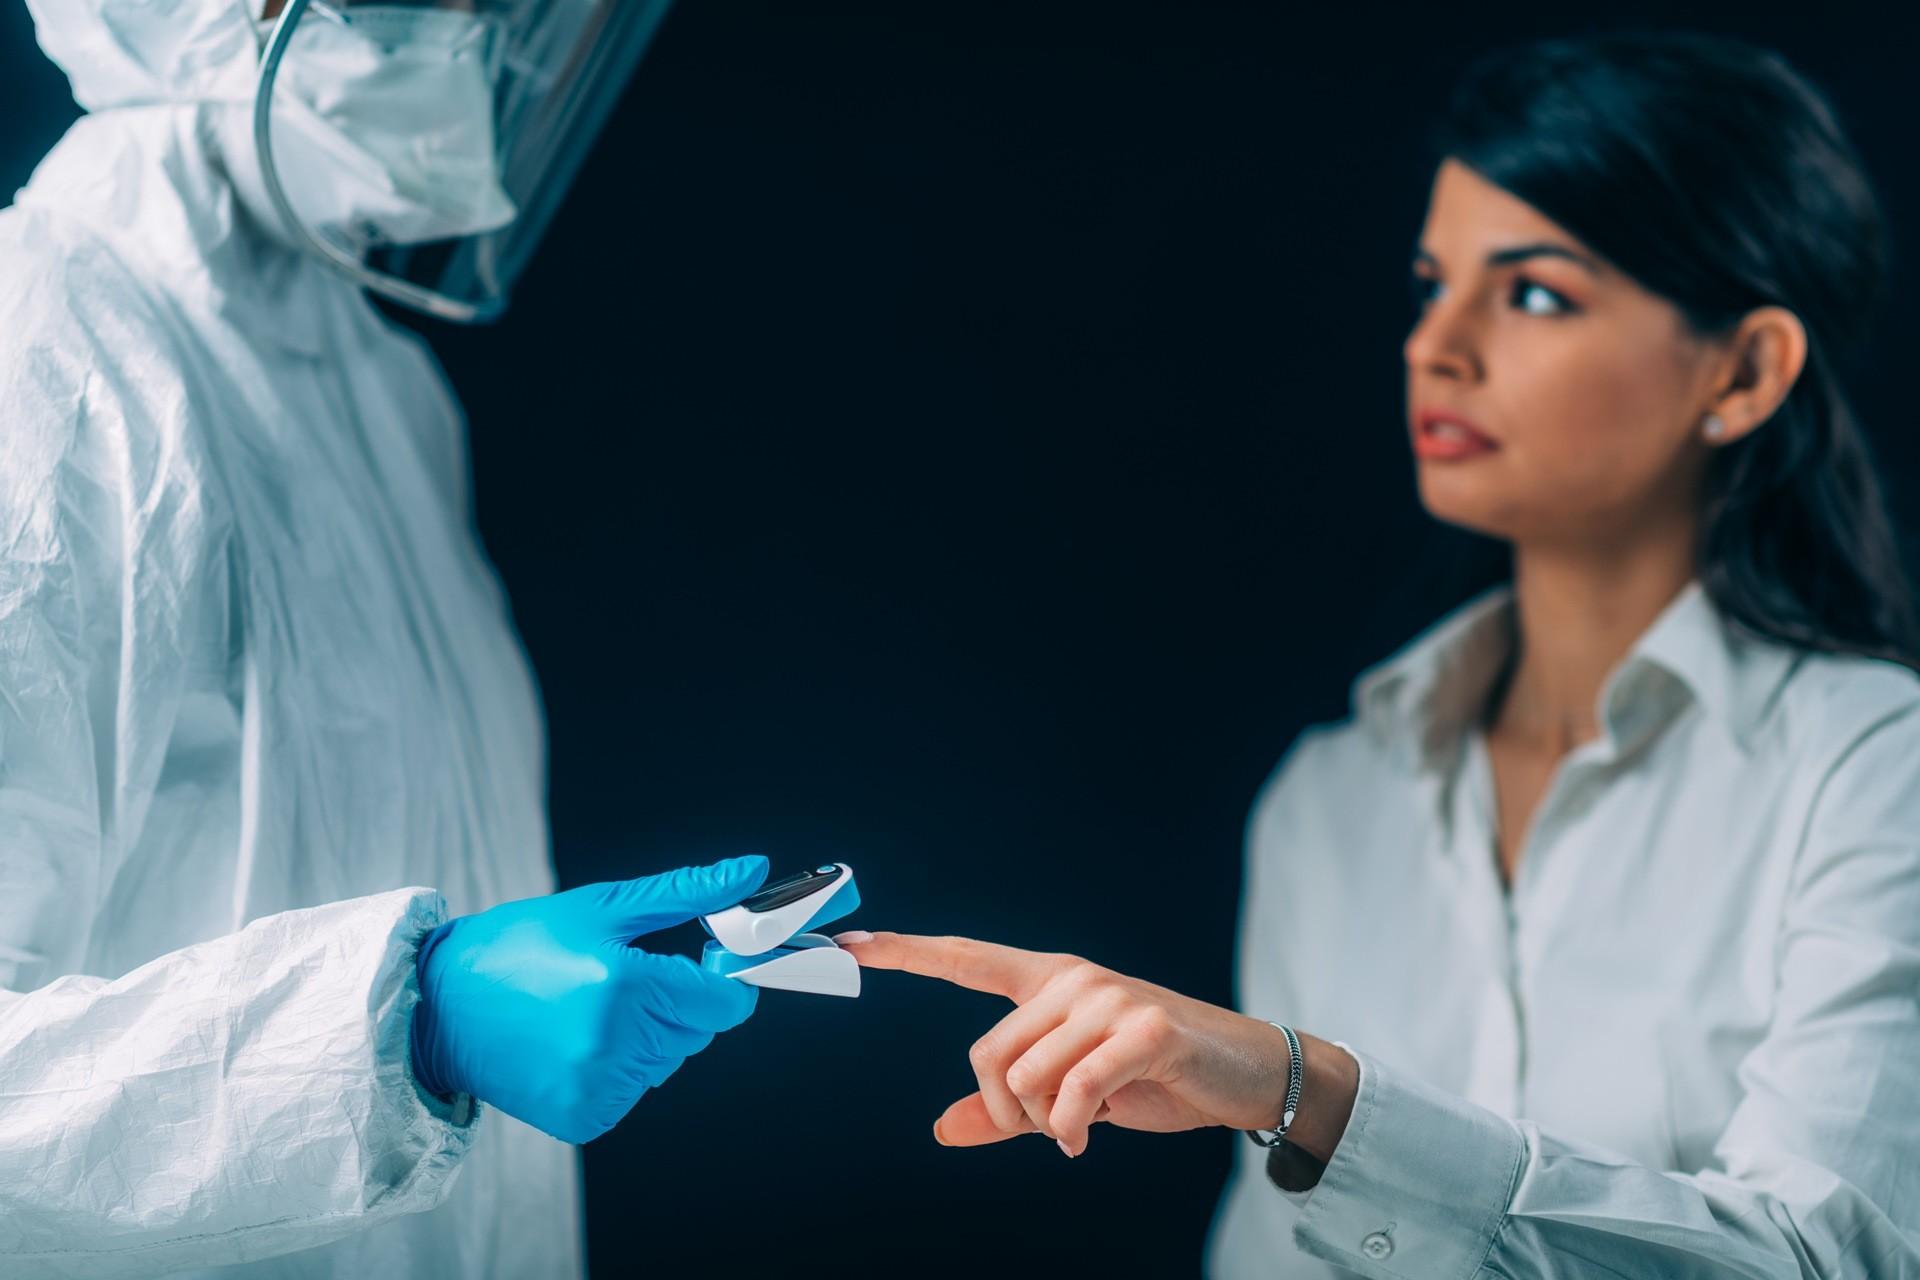 médico midiendo el nivel de oxígeno en sangre de otra persona